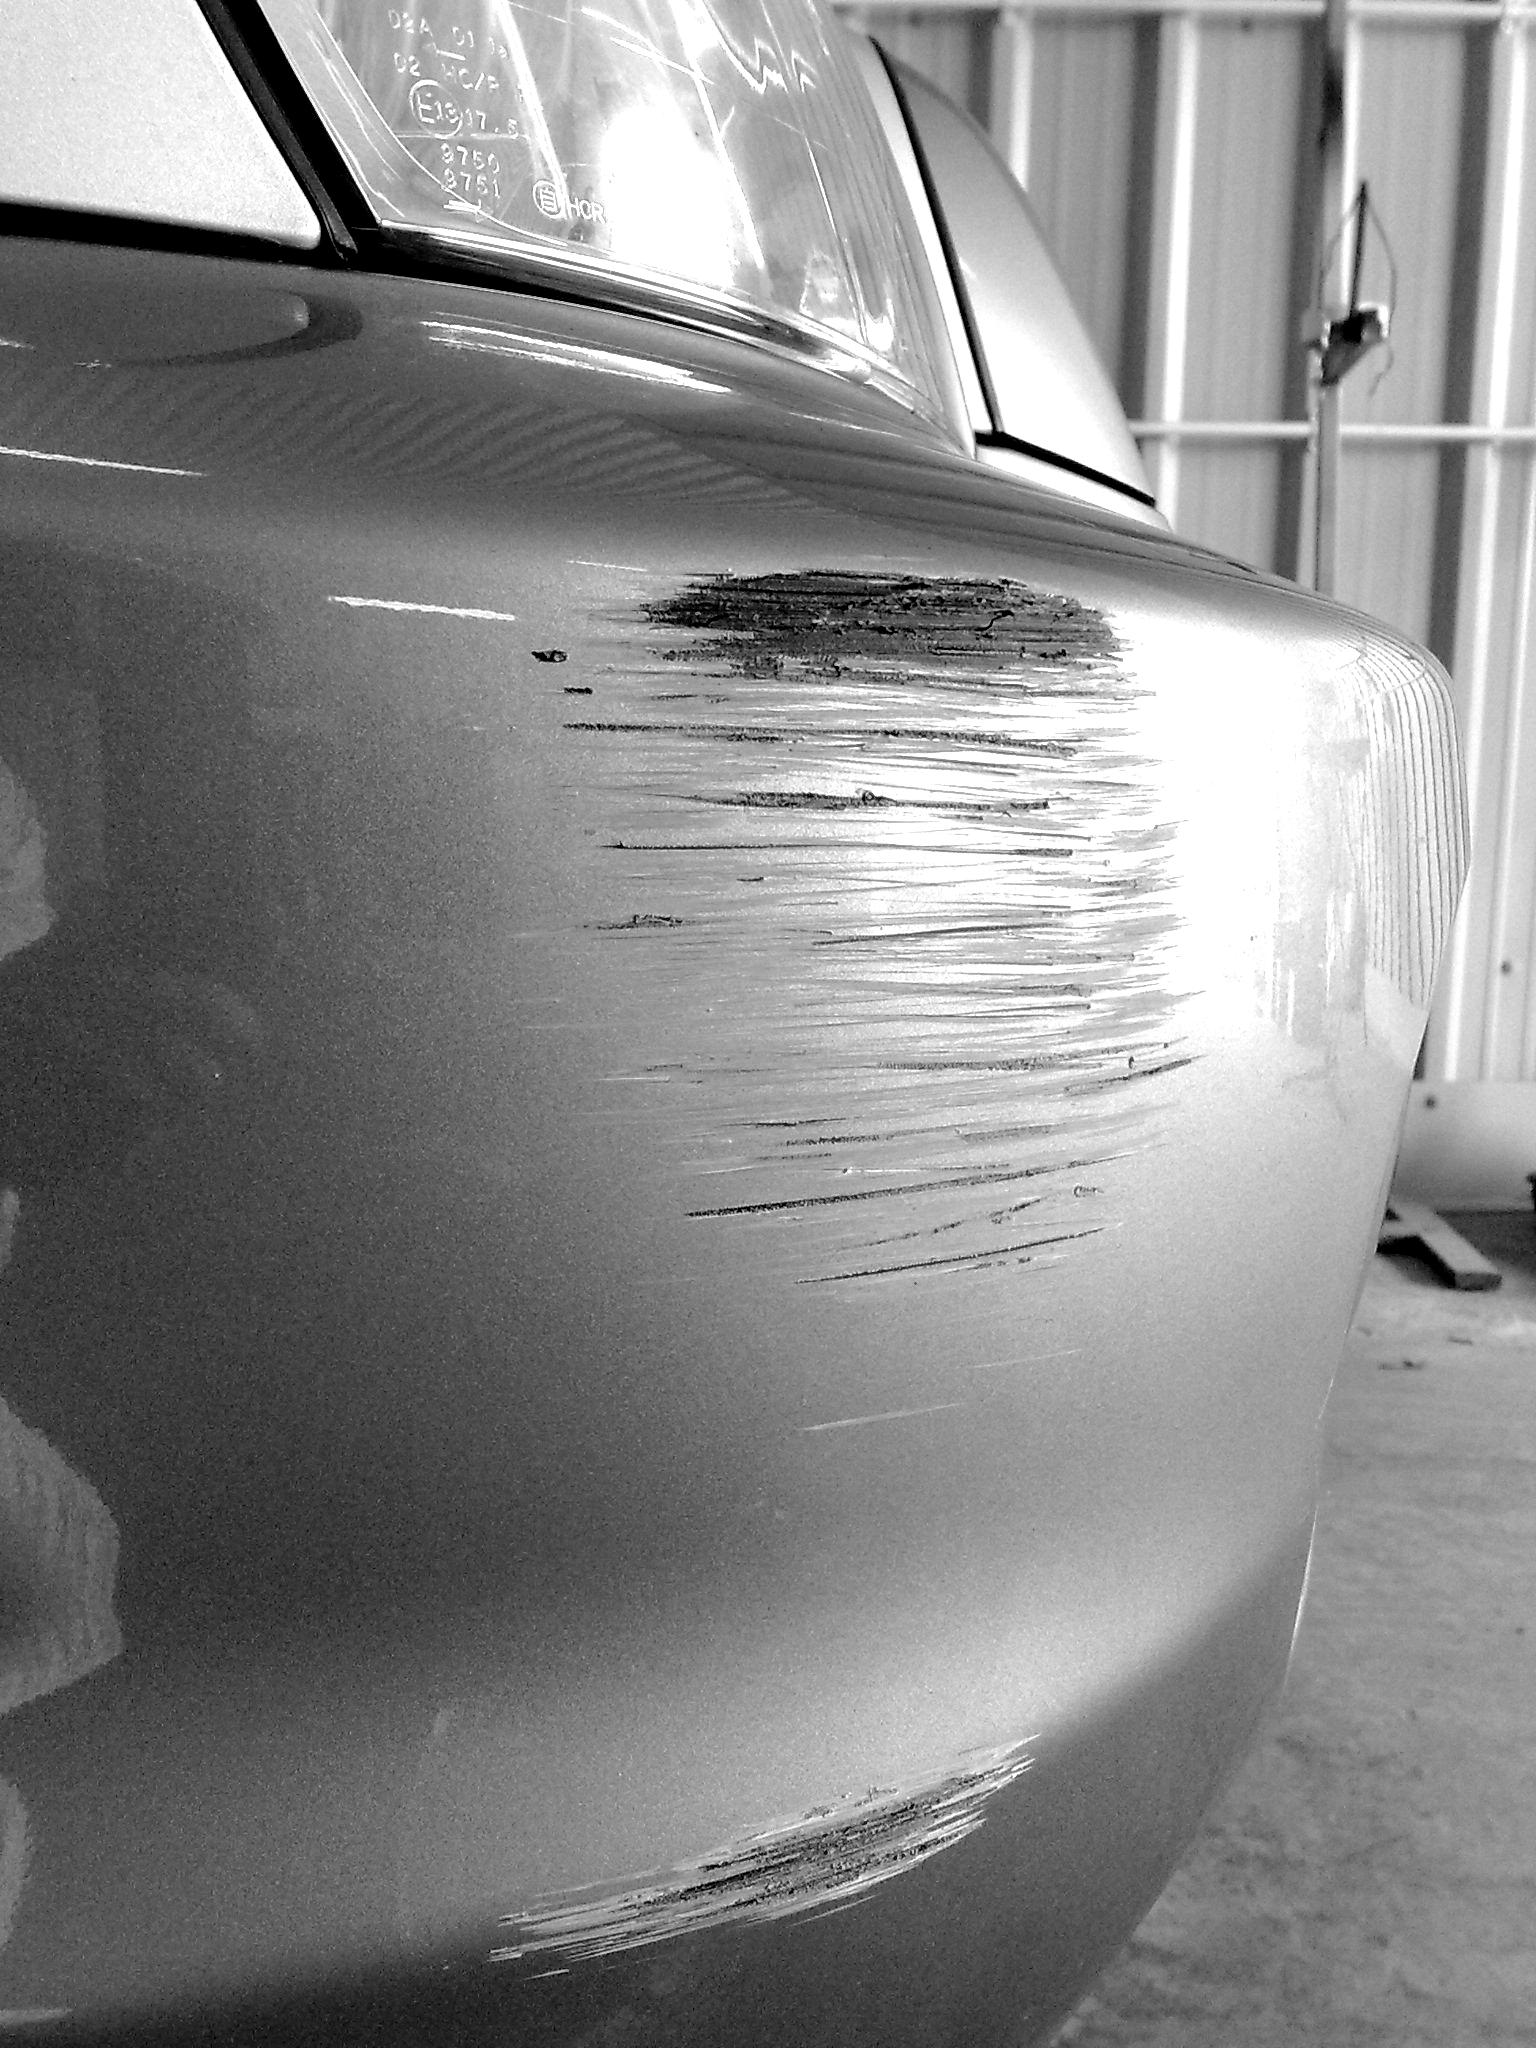 Bumper scuff and scratches